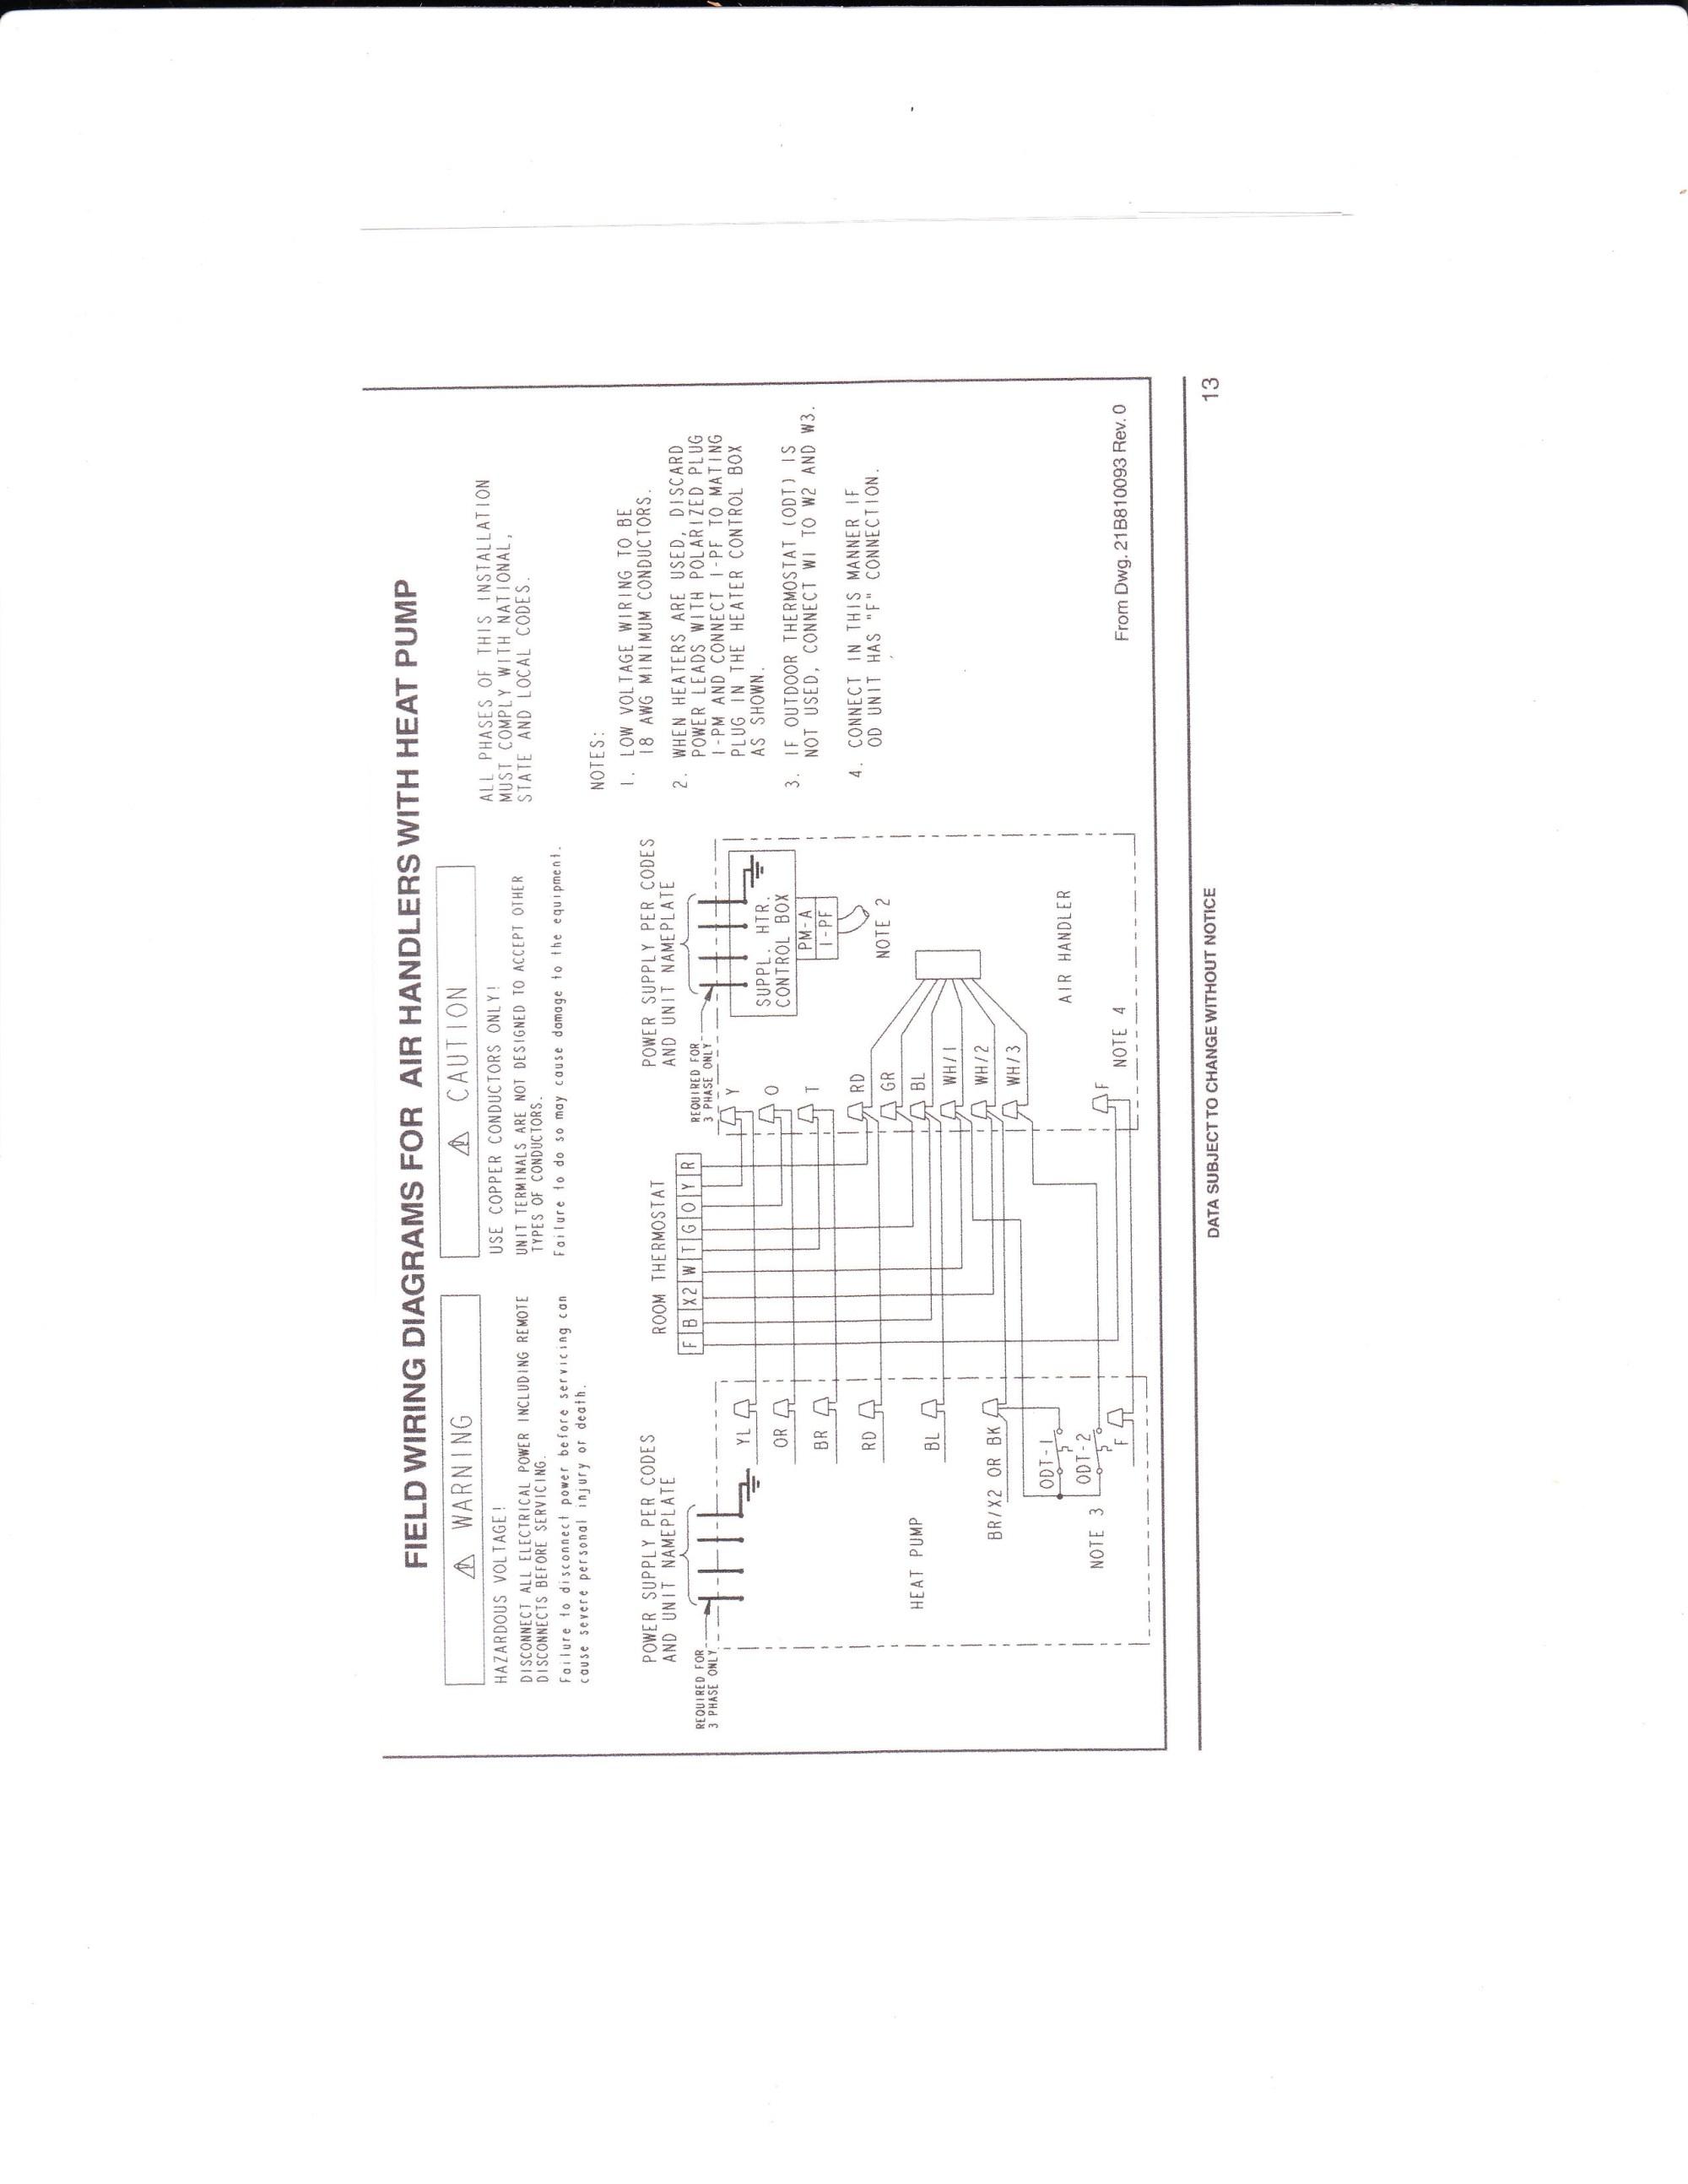 hight resolution of honeywell st9120c4057 wiring diagram erfreut heil ac schaltplan galerie schaltplan serie circuit honeywell st9120c4057 wiring